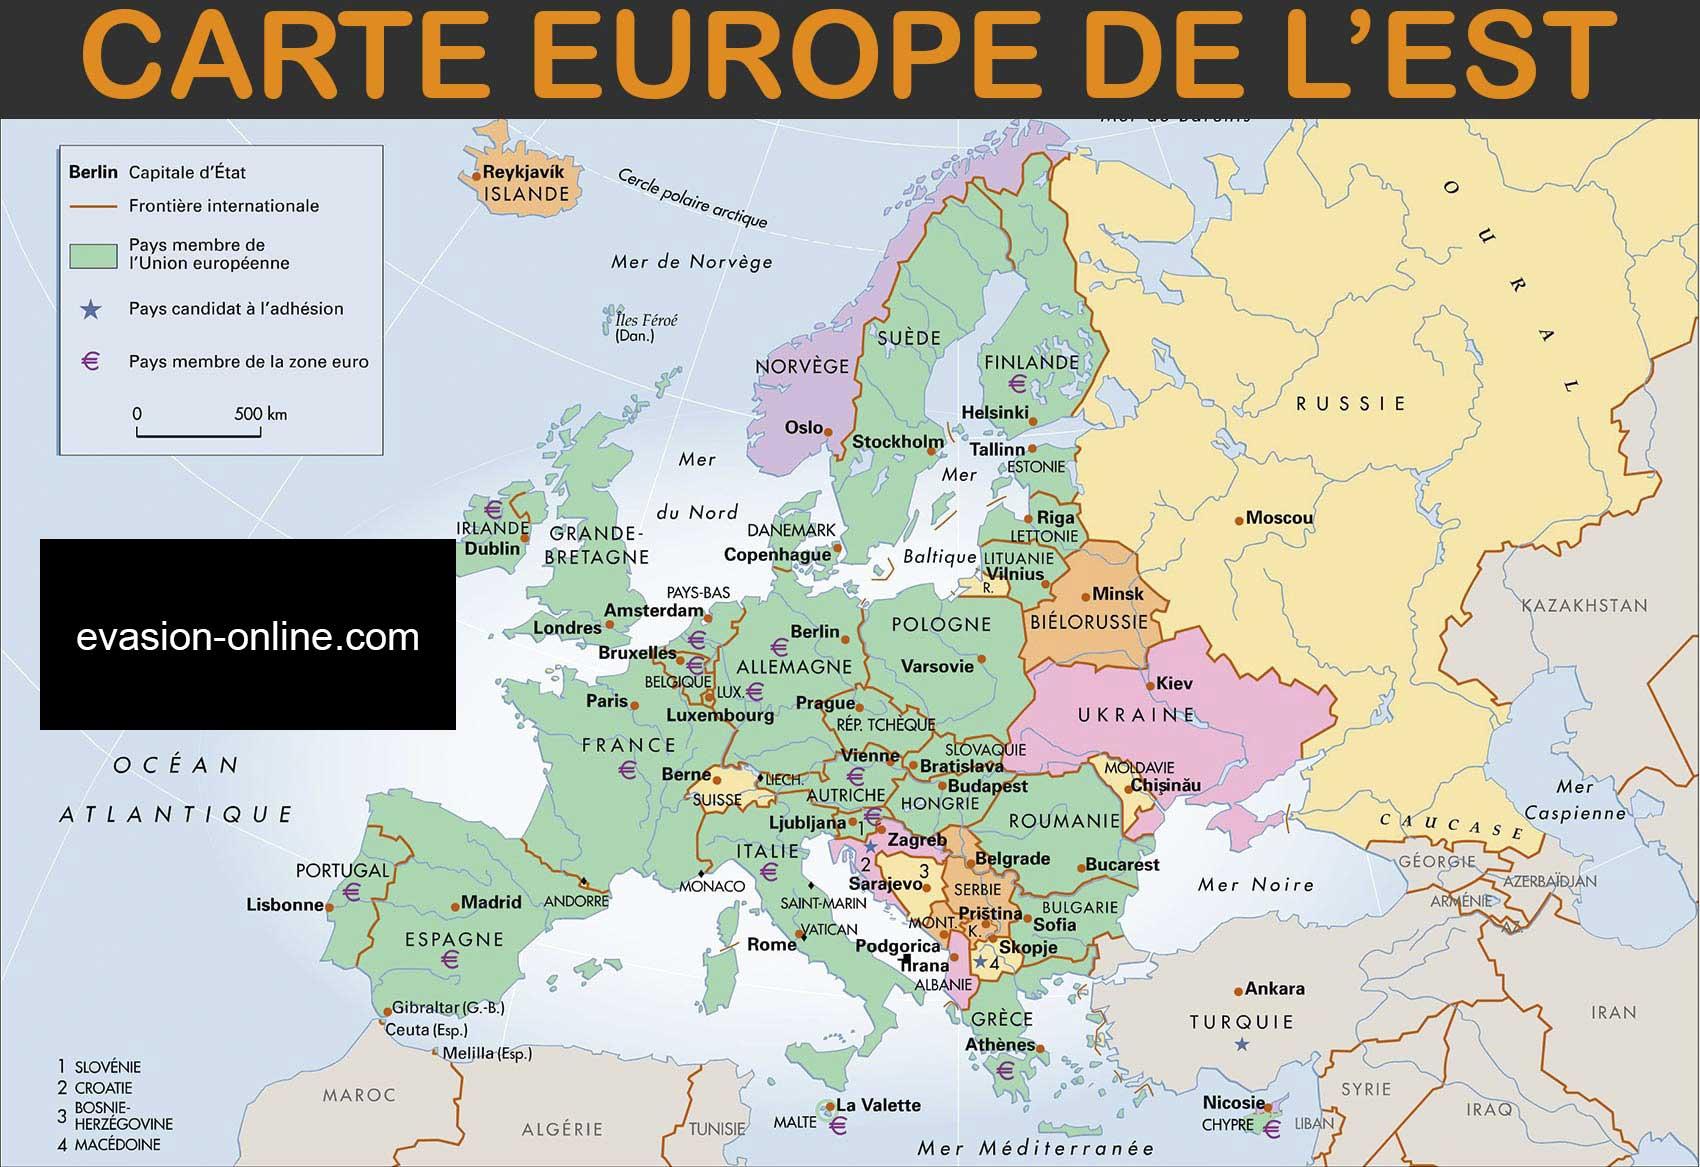 Carte Europe De L'est - Images » Vacances - Arts- Guides Voyages intérieur Les Capitales D Europe